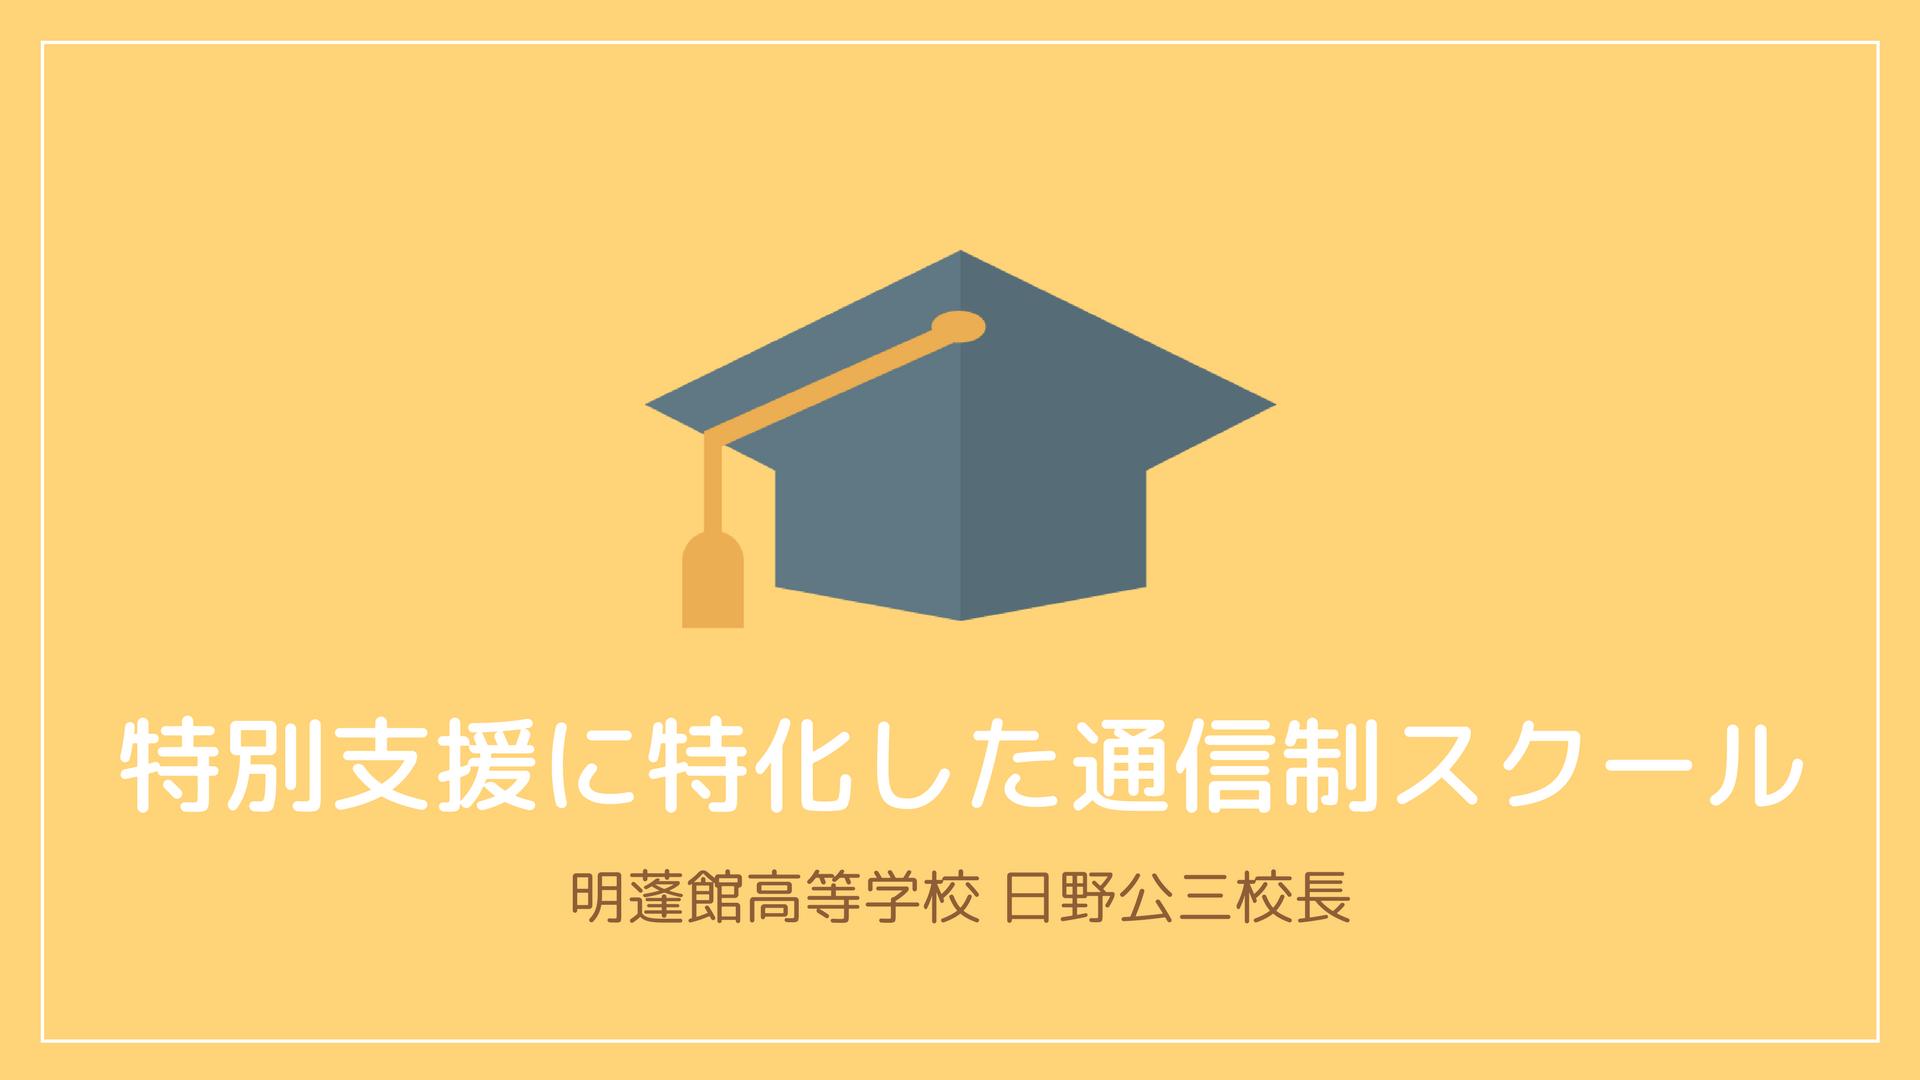 【明蓬館高等学校】徹底した環境整備と強みを見つける個別指導計画